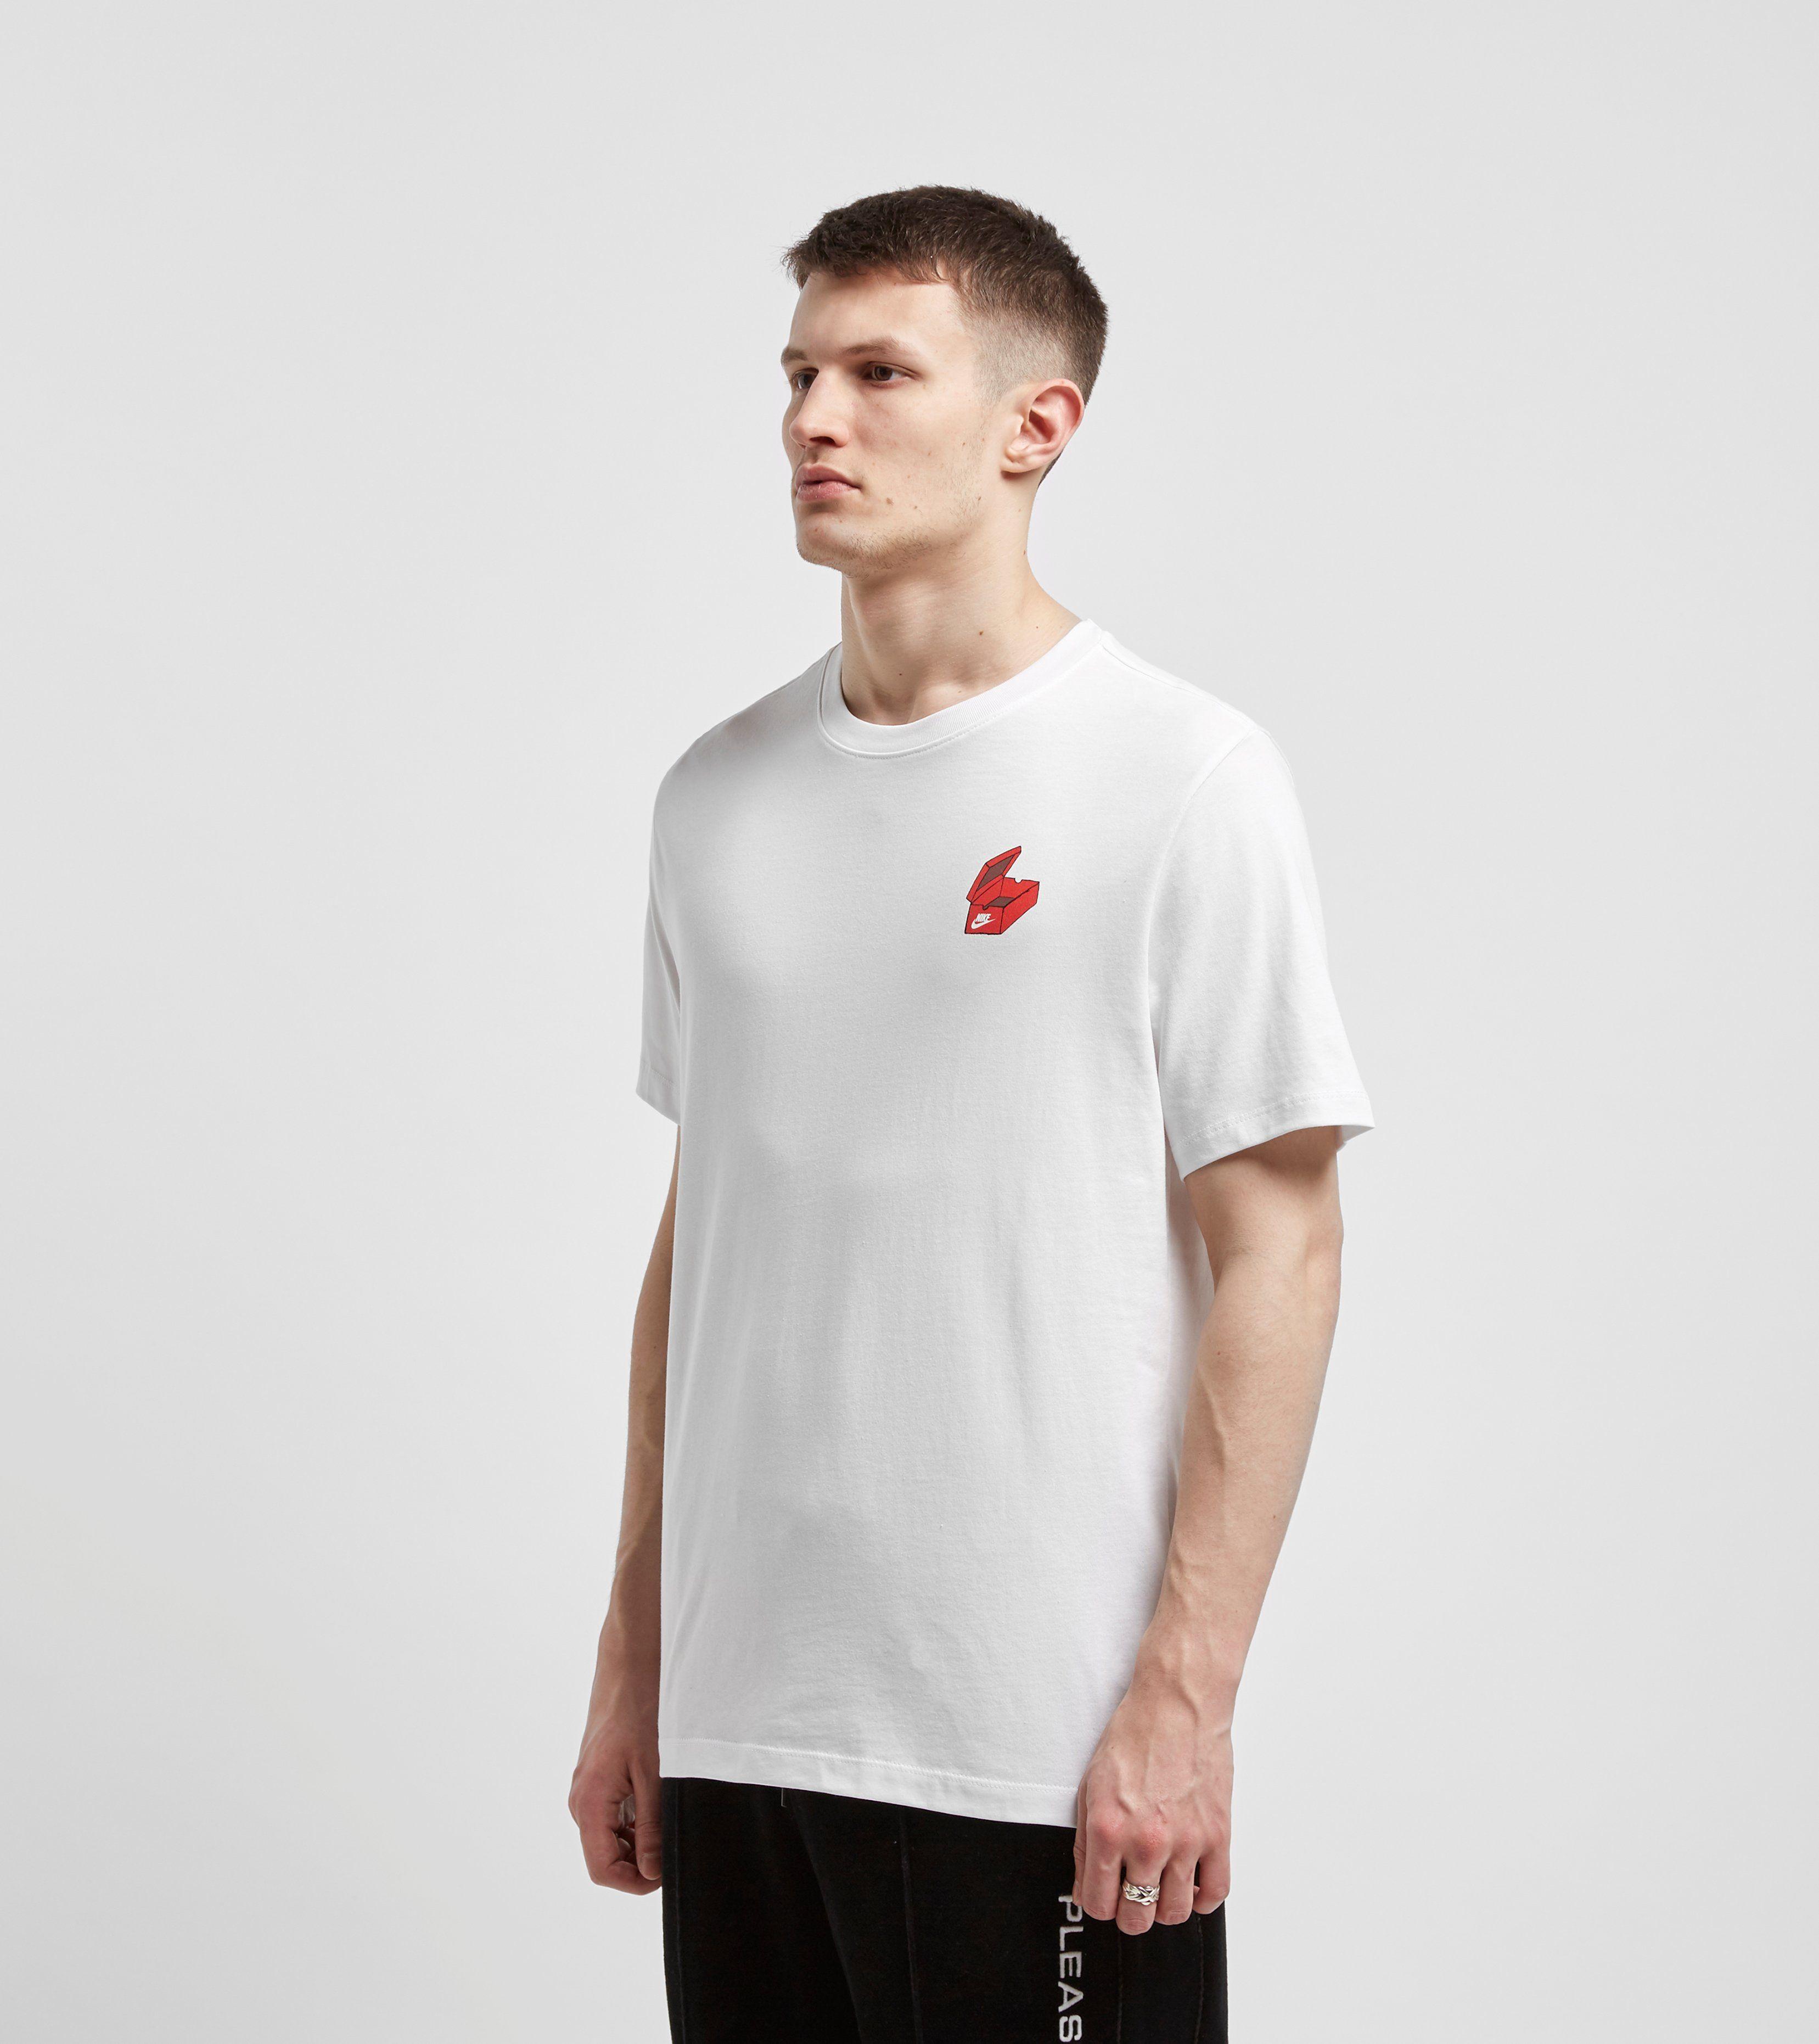 Nike T-Shirt Shoe Box